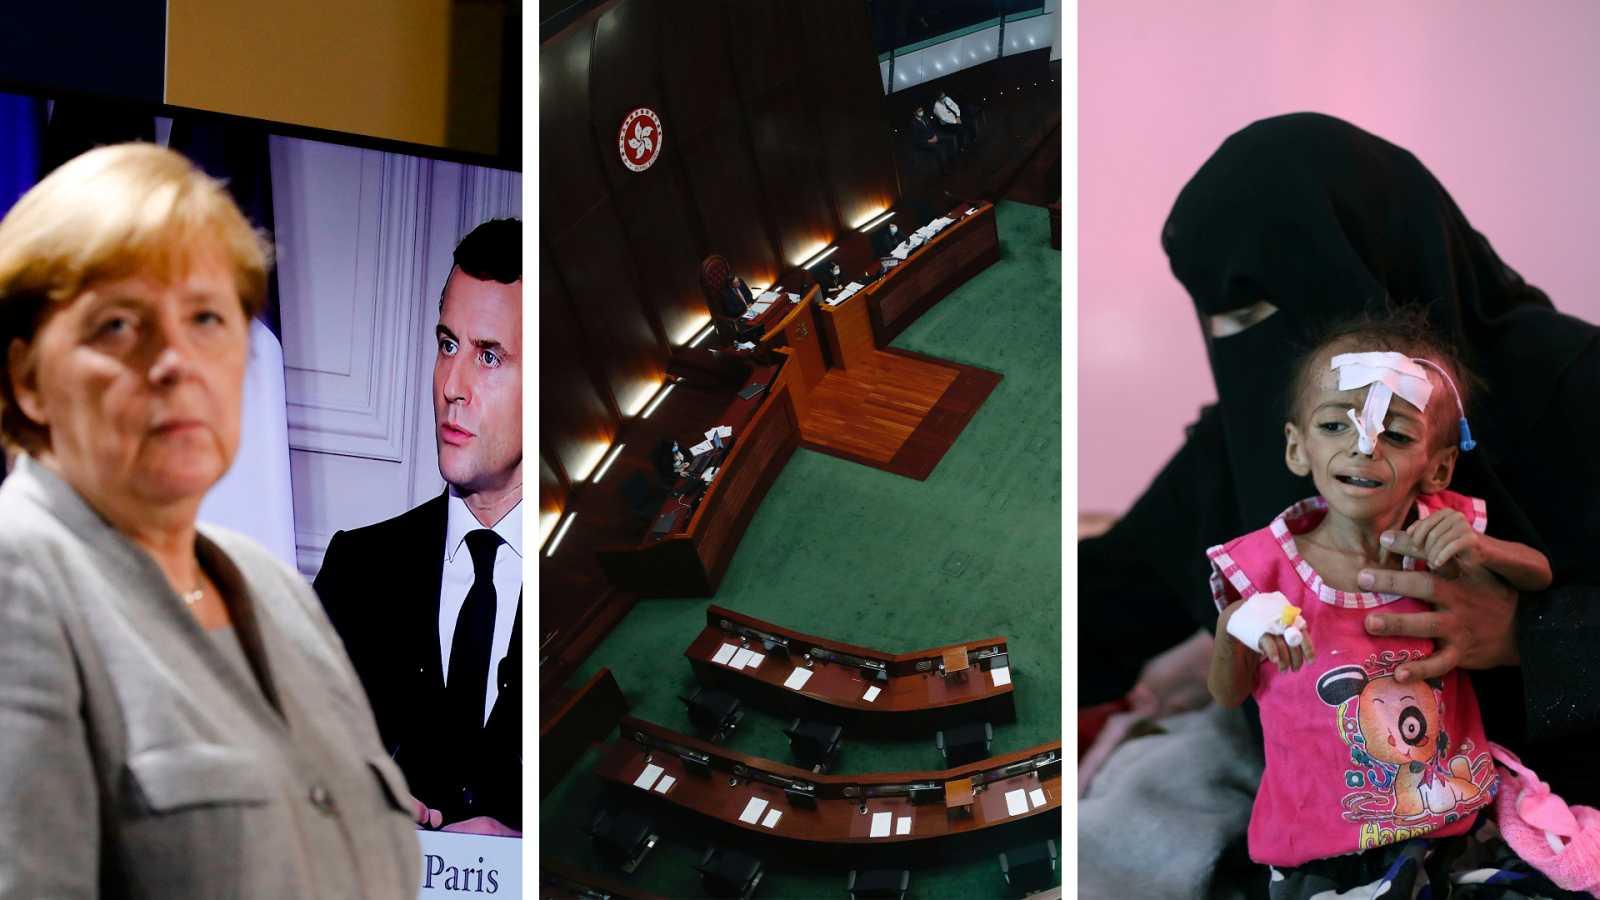 Cinco continentes - Europa busca nuevas estrategias contra el yihadismo - Escuchar ahora